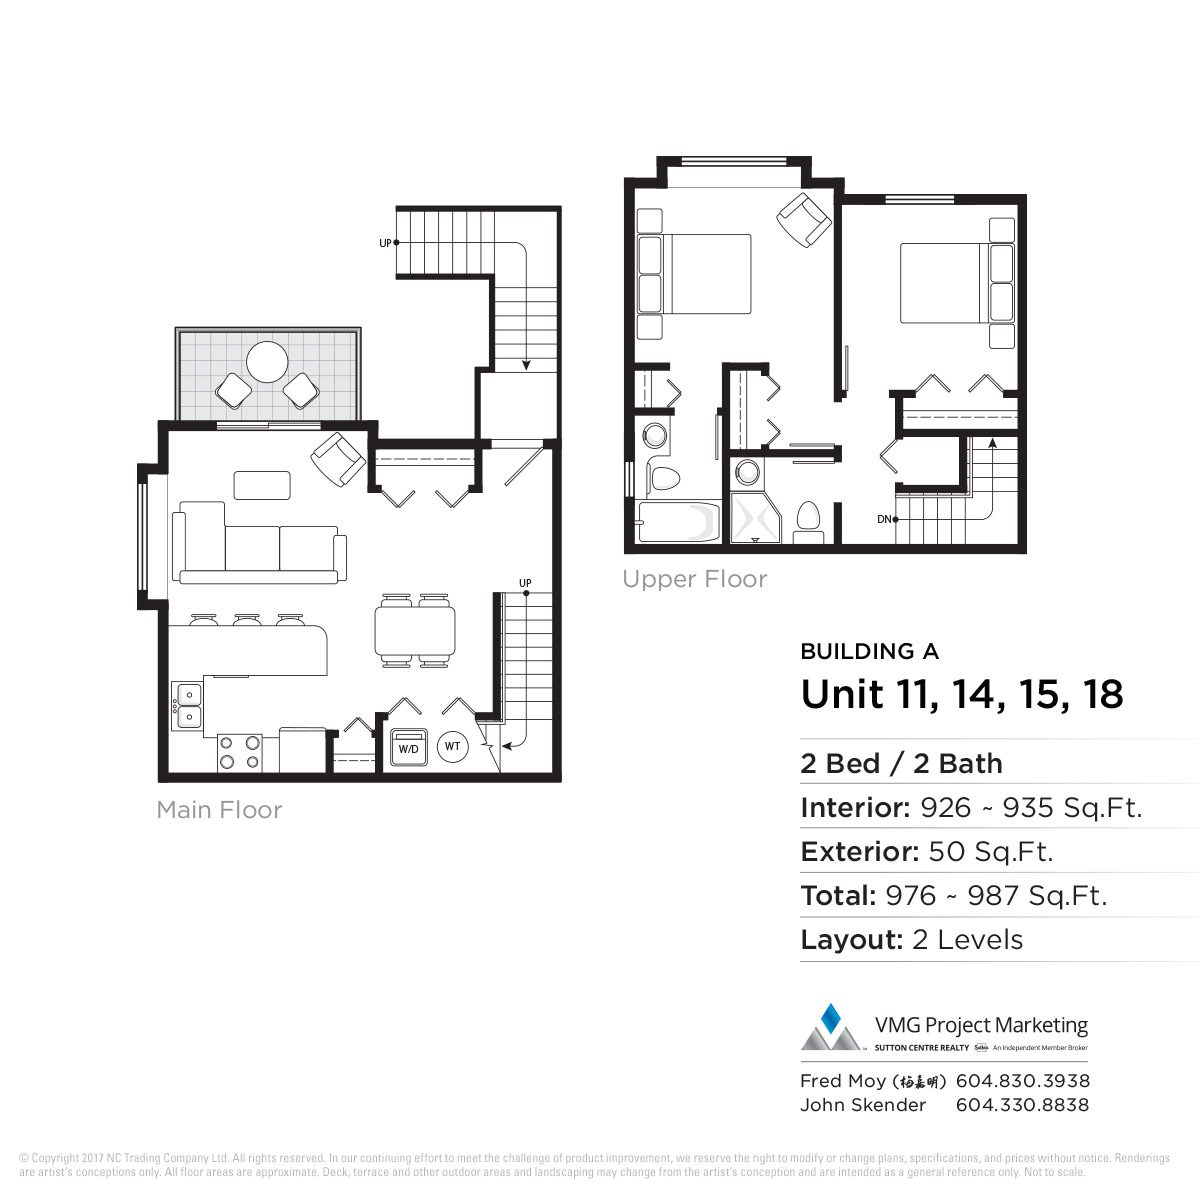 parkview-floorplans-unit-11-14-15-18-2017-07-14